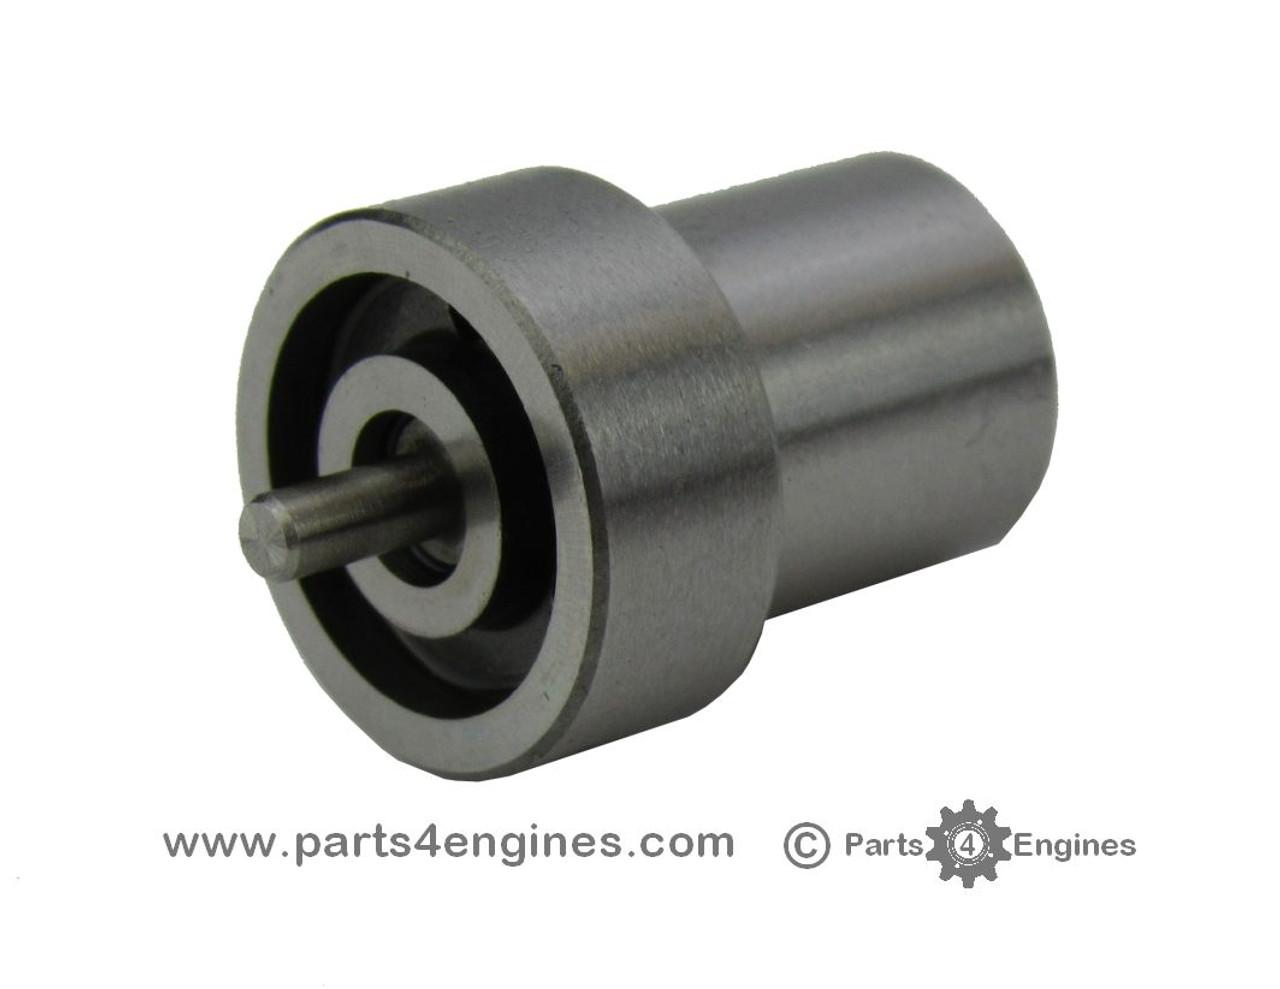 Volvo Penta D2-40 Injector Nozzle - parts4engines.com